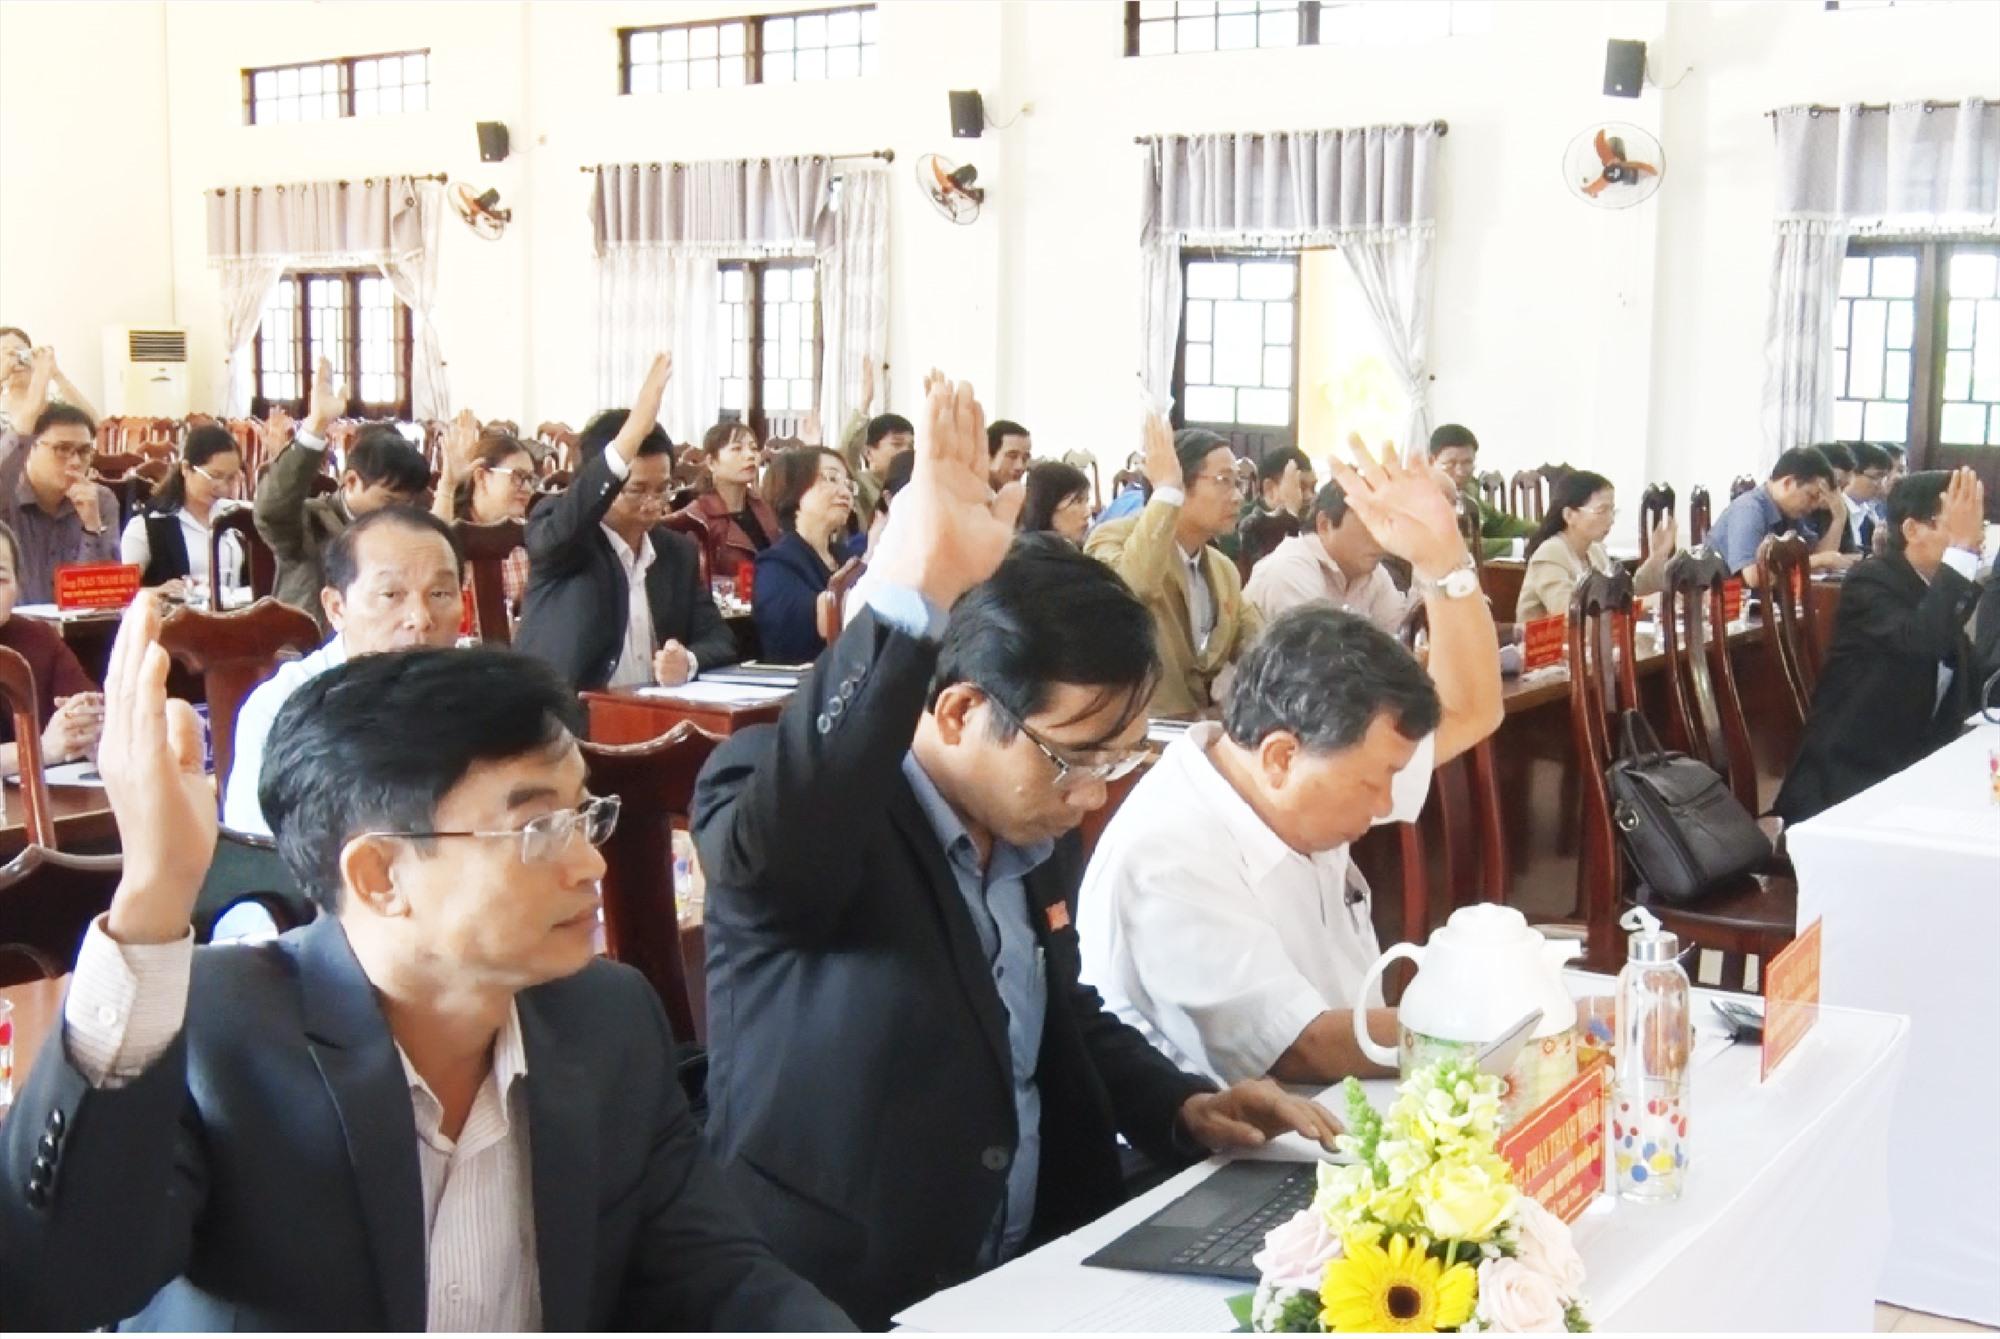 Các đại biểu HĐND huyện biểu quyết thông qua Nghị quyết miễn nhiệm các chức danh do HĐND huyện bầu.